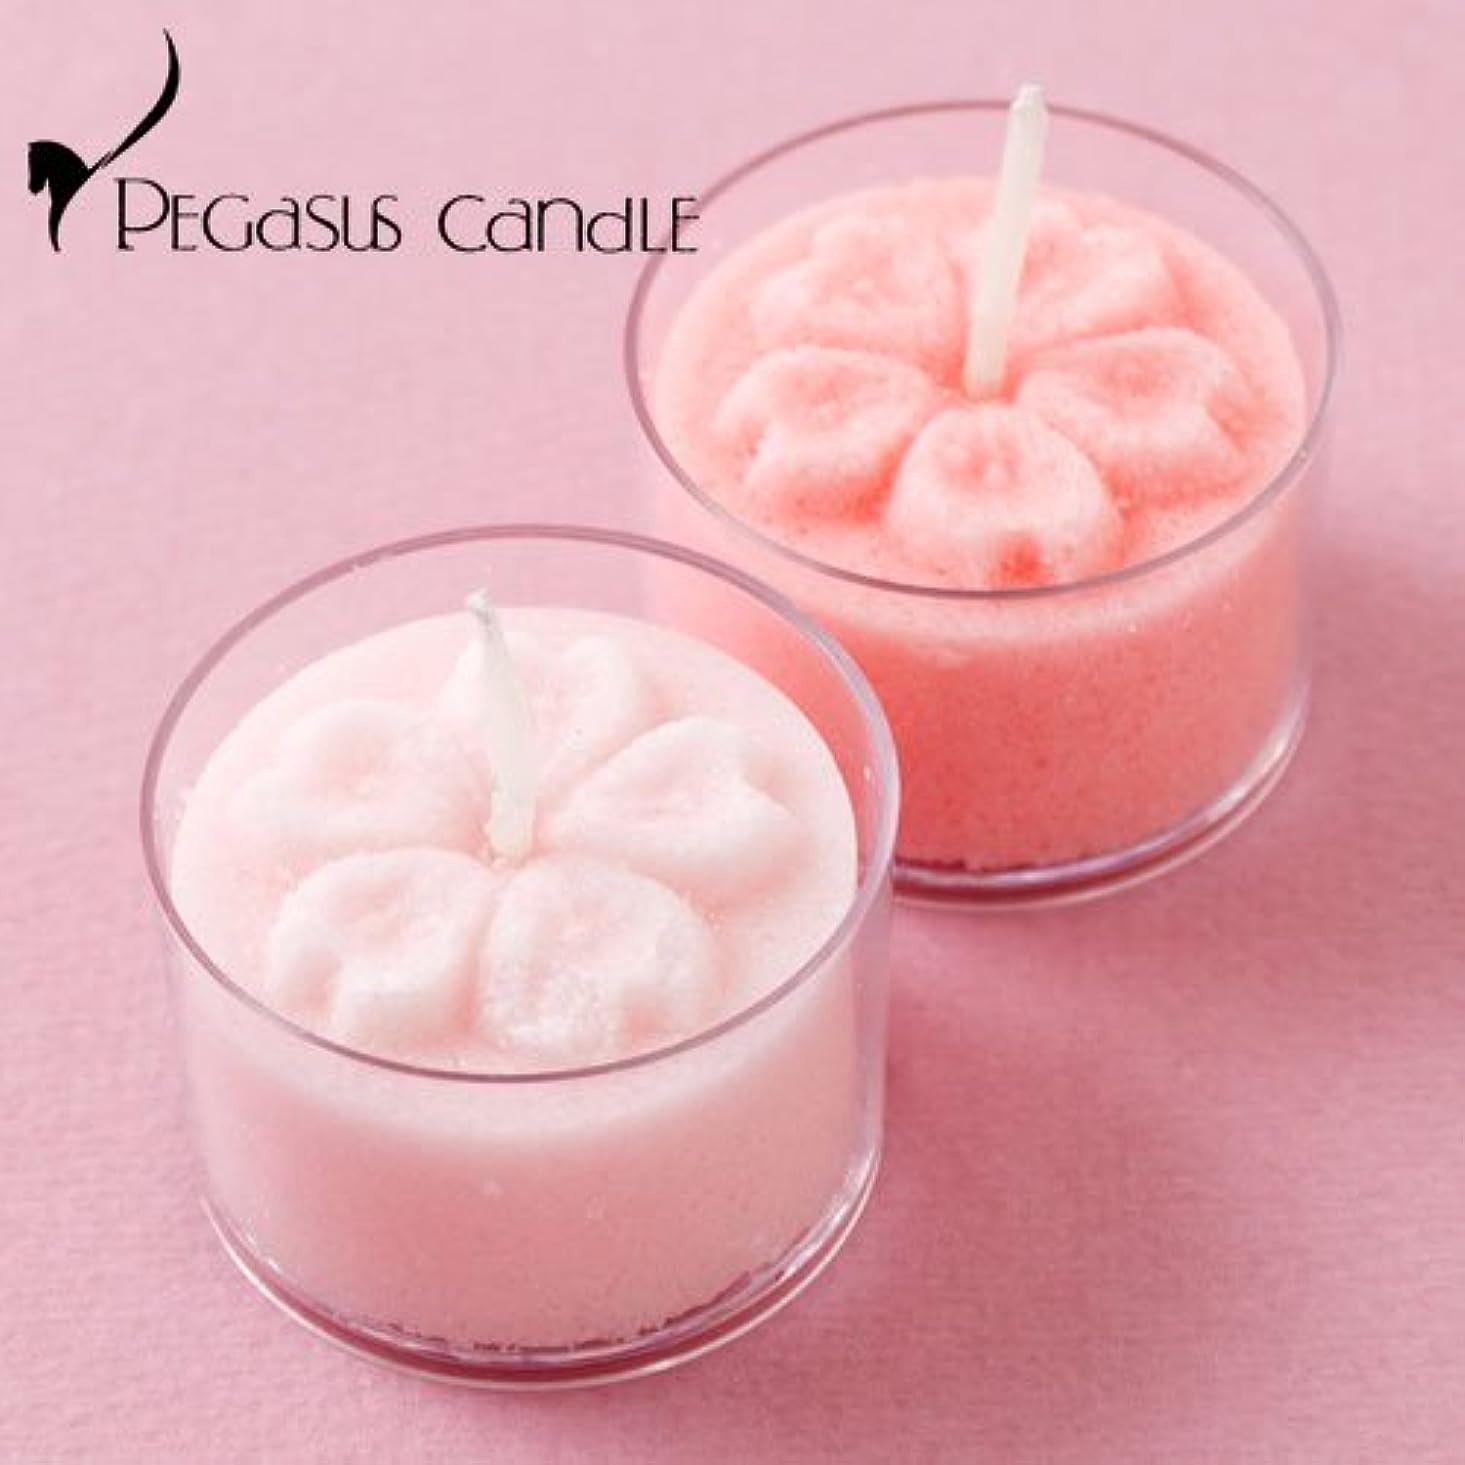 のヒープ腫瘍不公平花暦桜花の形のキャンドル2個セット(無香タイプ)ペガサスキャンドルFlower shaped candle